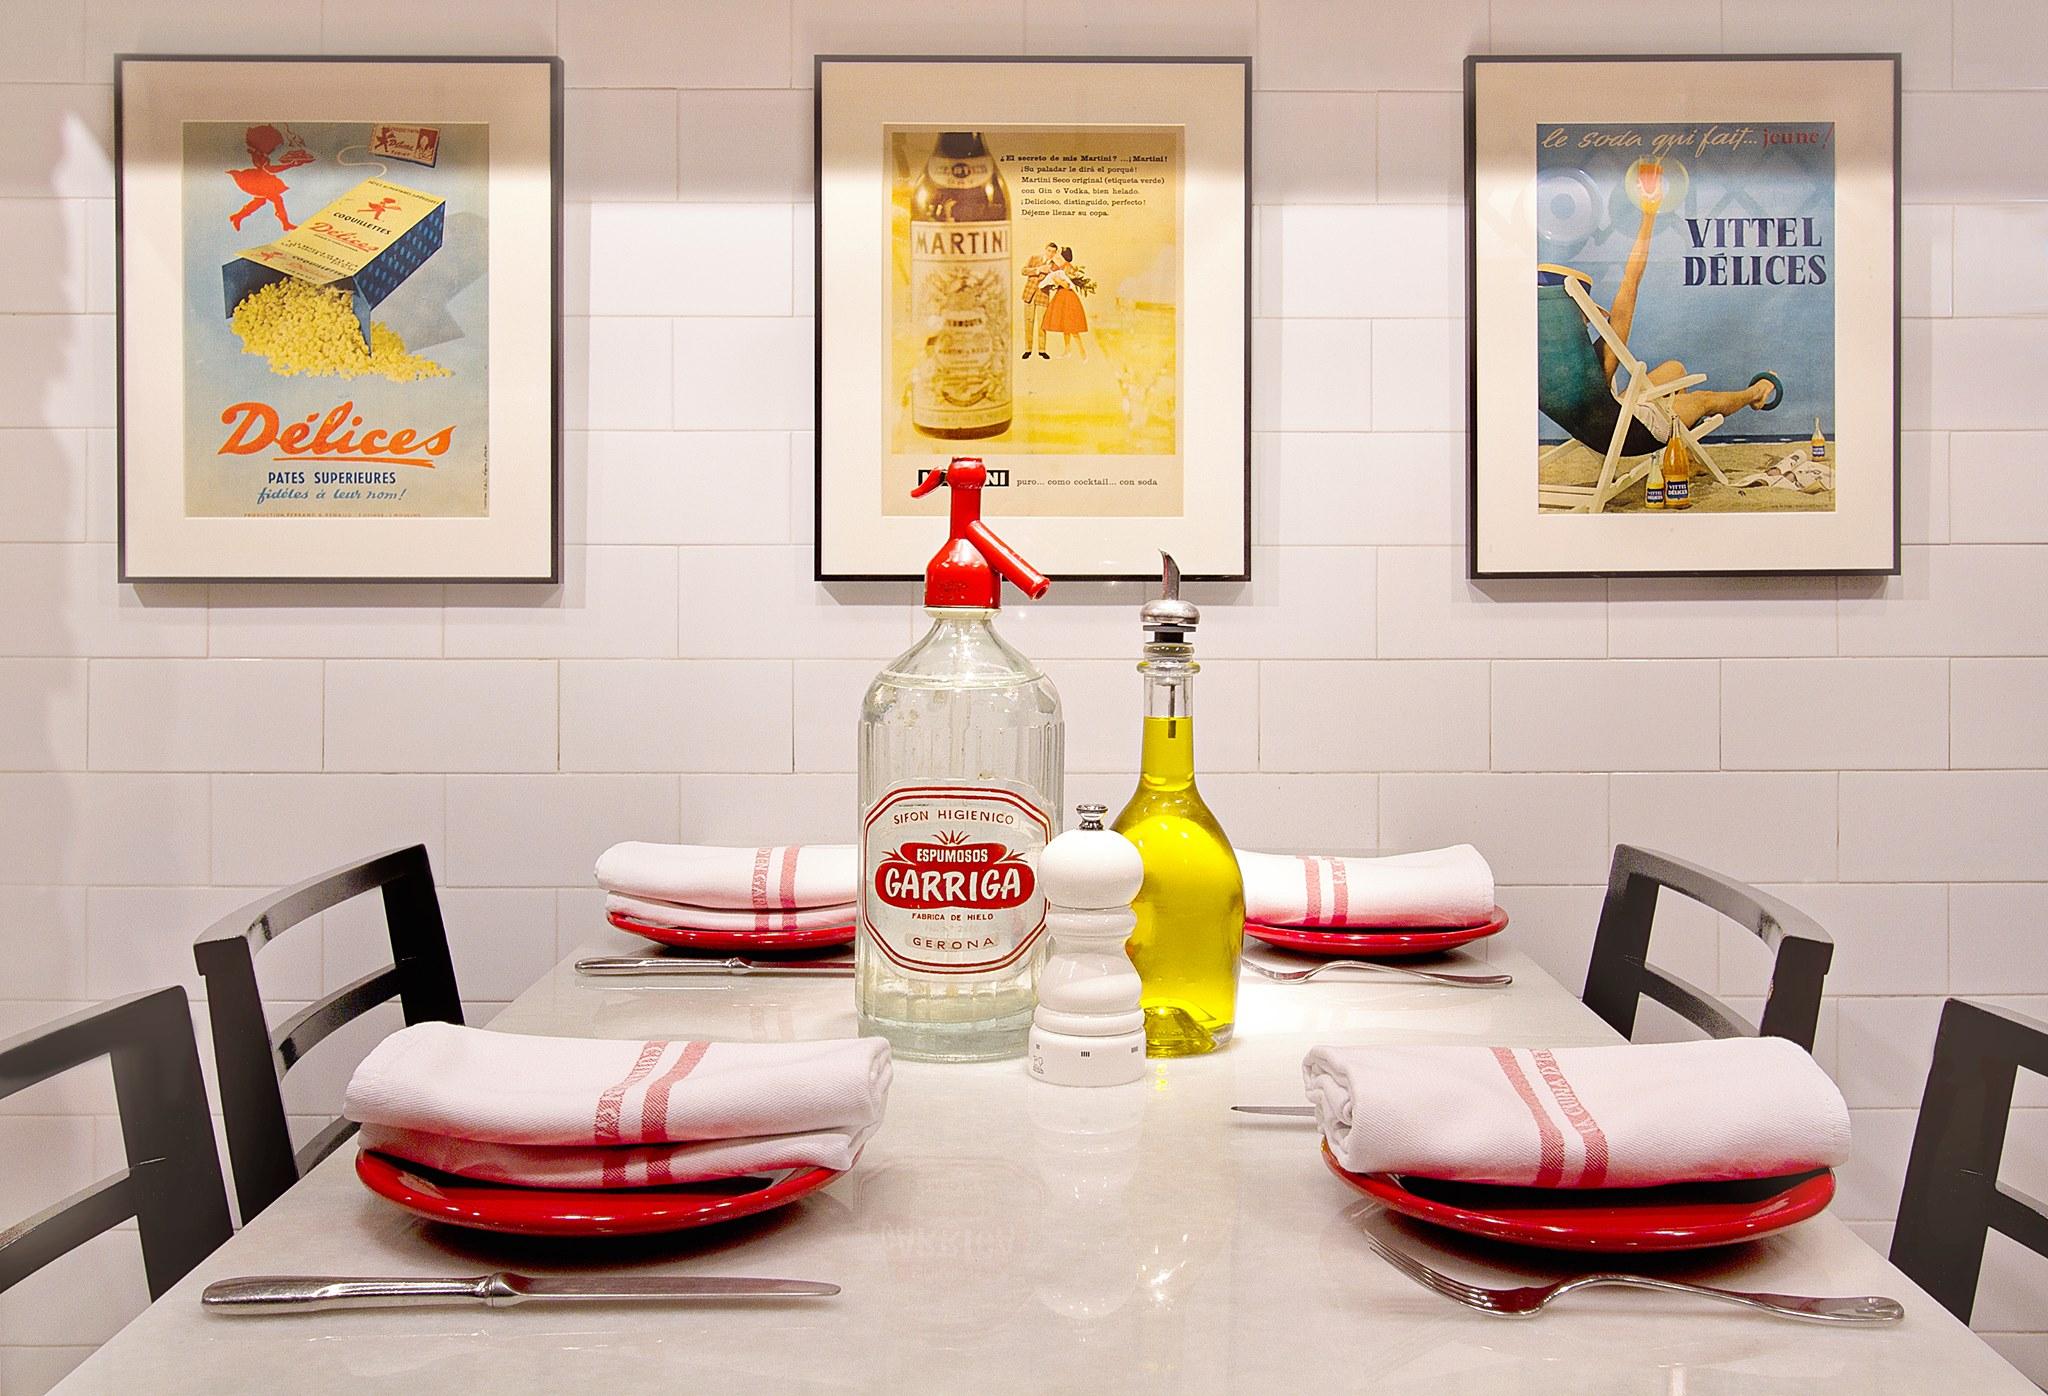 La Cuina d'en Garriga restaurant